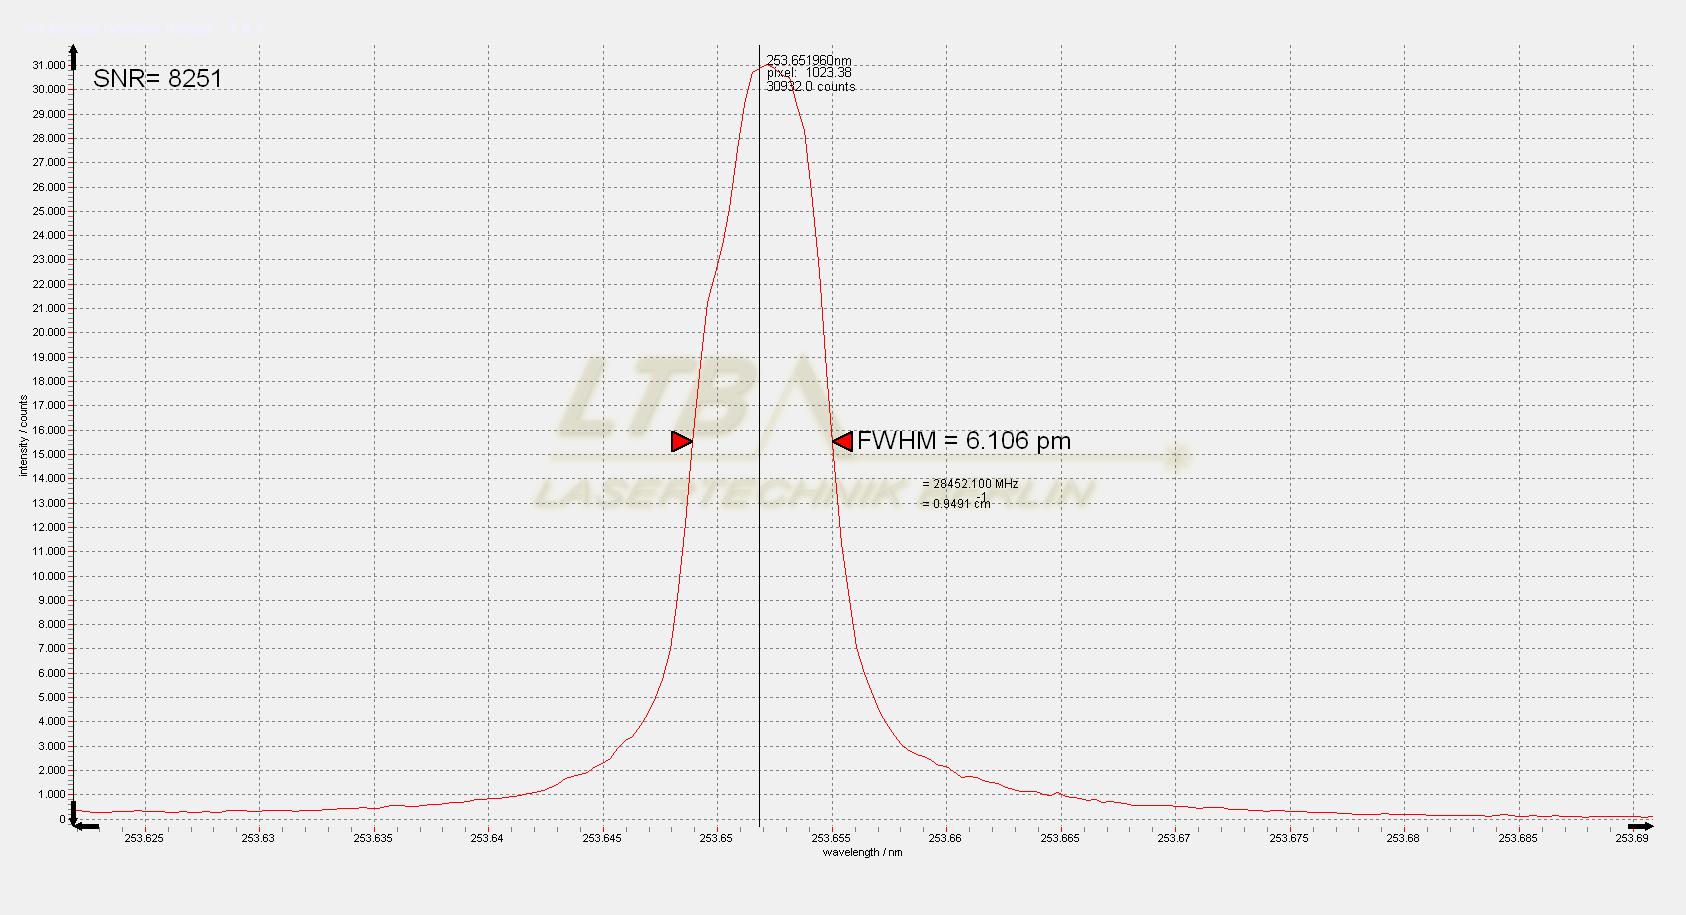 Super DEMON Hg spectrum